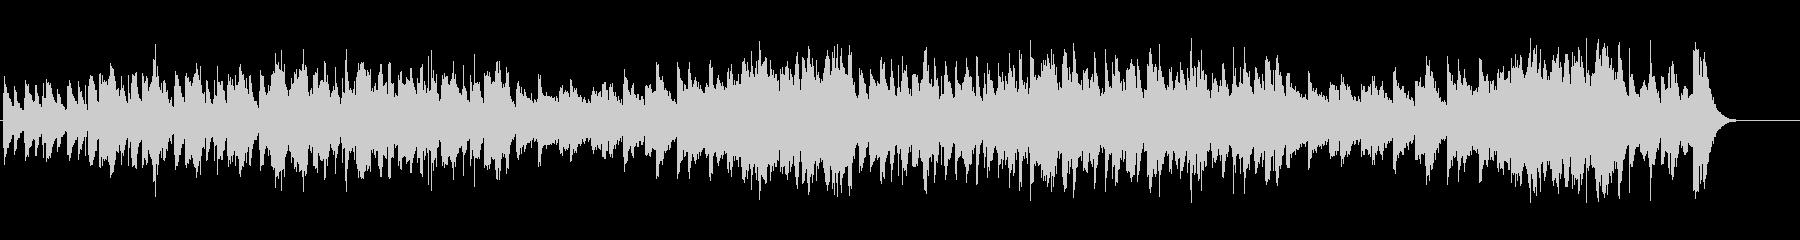 ティンホイッスルとバグパイプの軽快な曲の未再生の波形